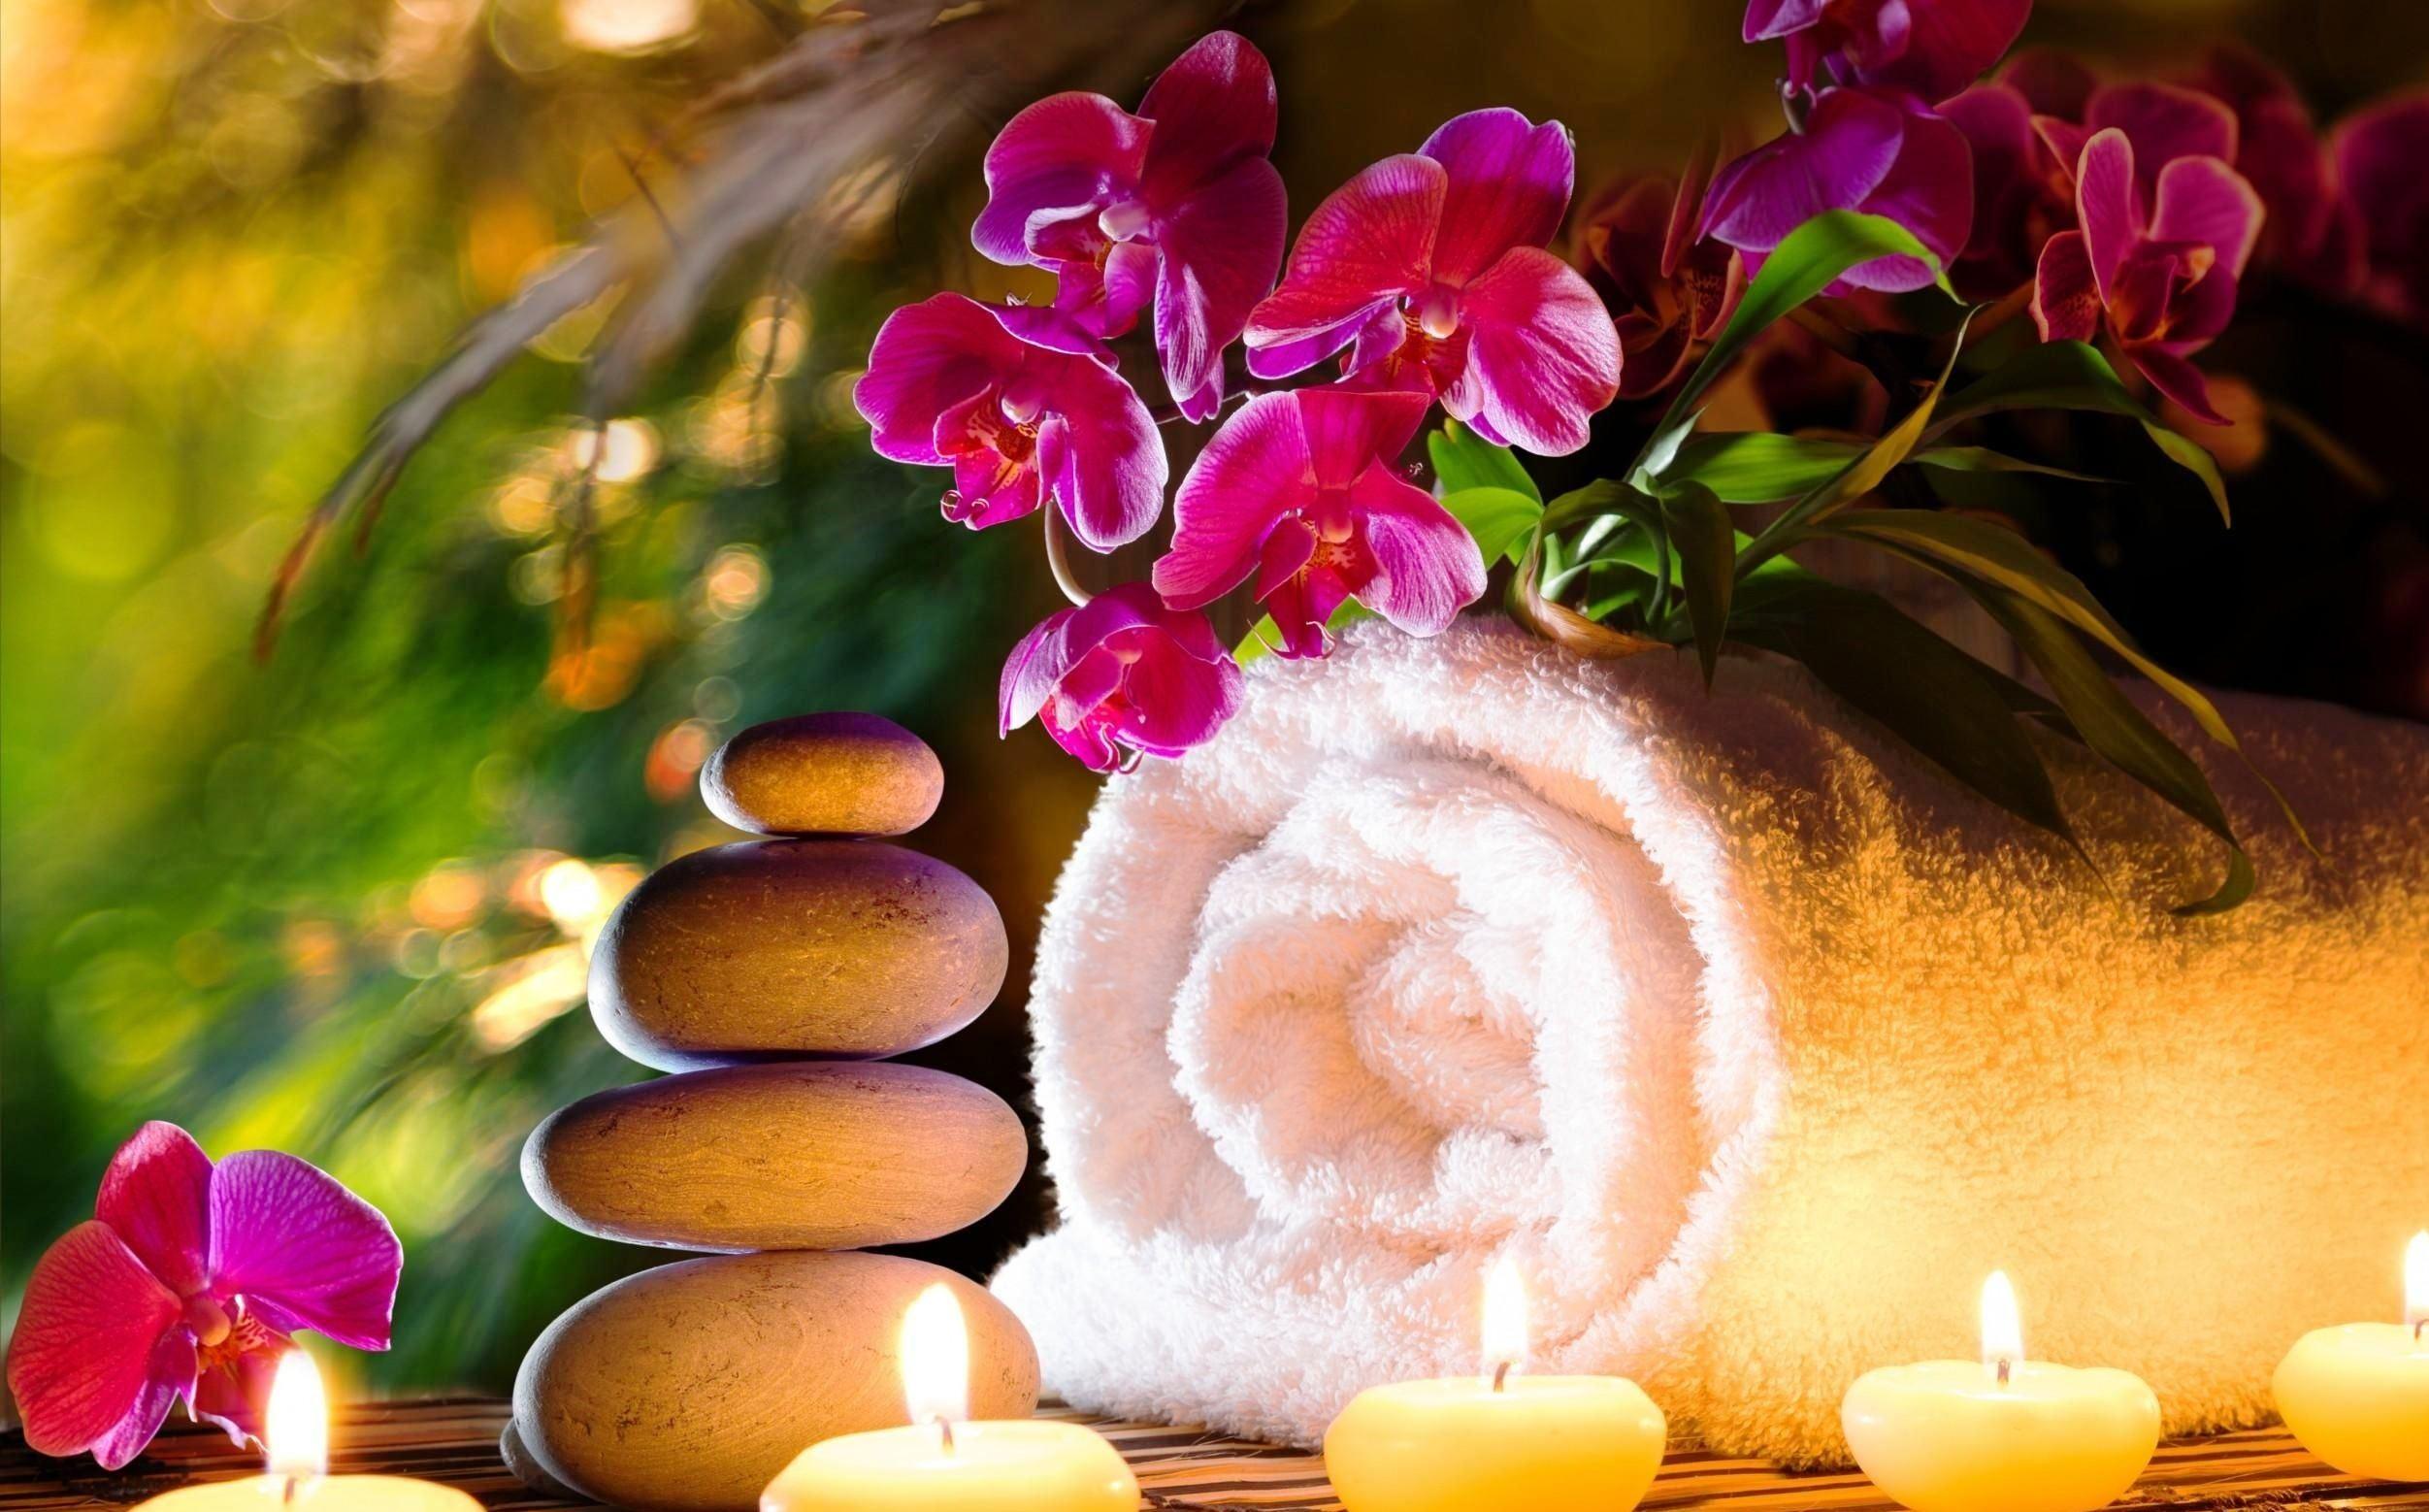 Ароматерапия в фэн-шуй или как запахи влияют на повседневную жизнь человека